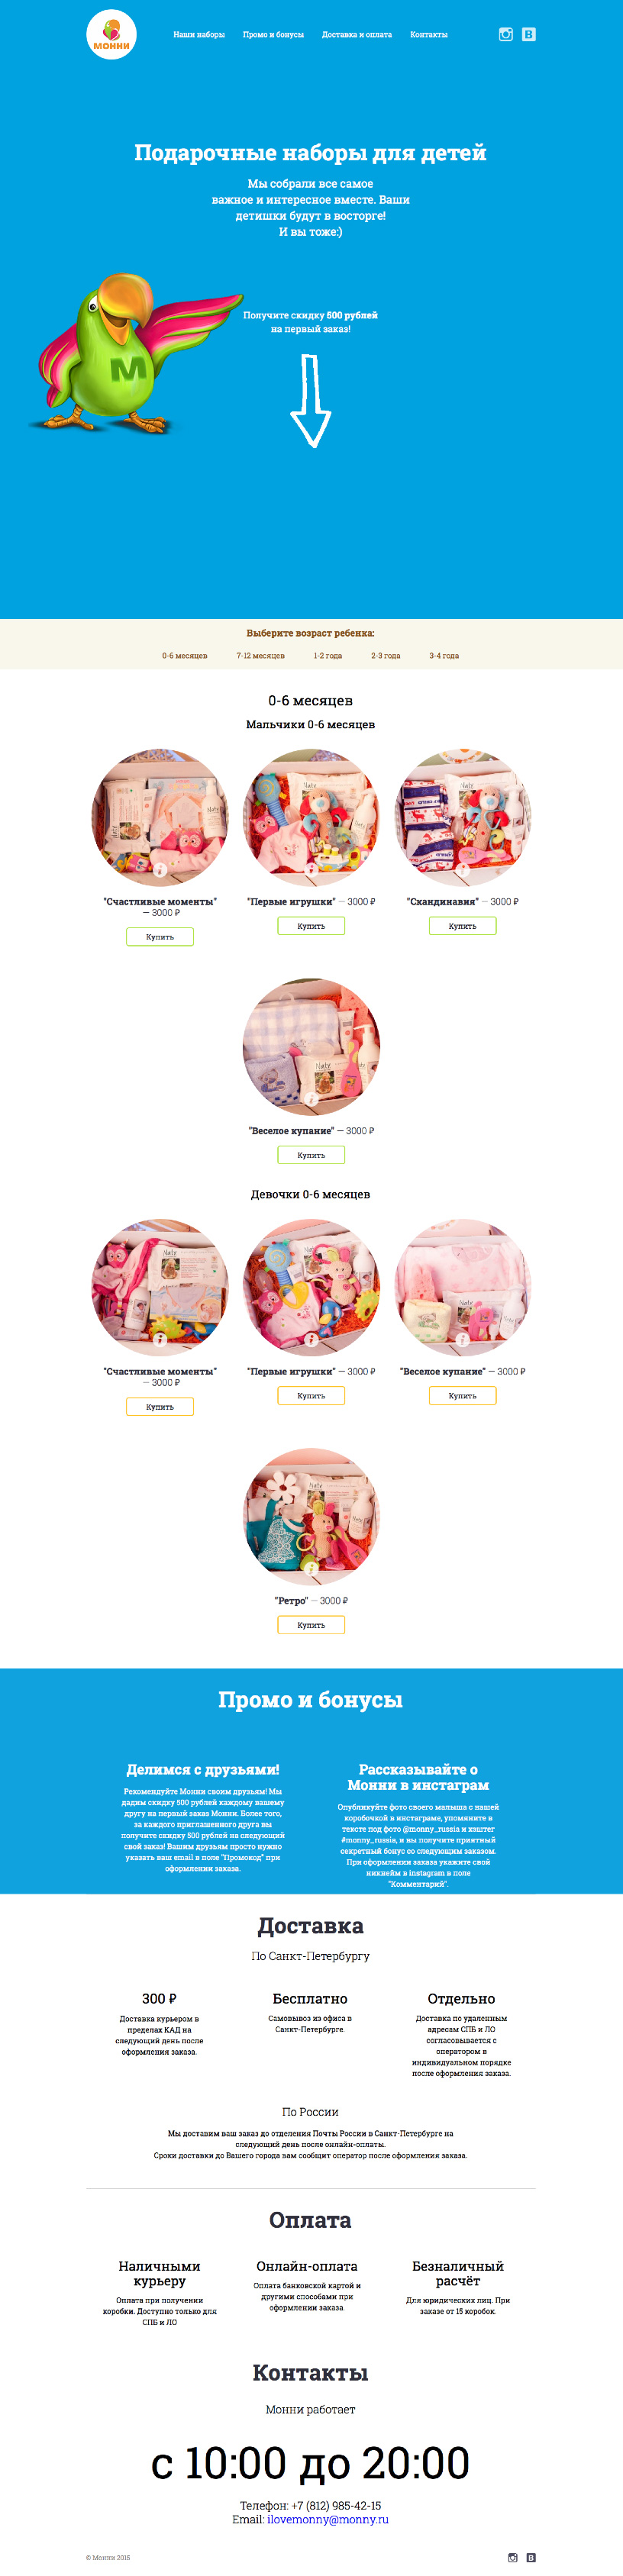 Интернет-магазин «Монни: подарочные наборы для детей с доставкой по всей России»